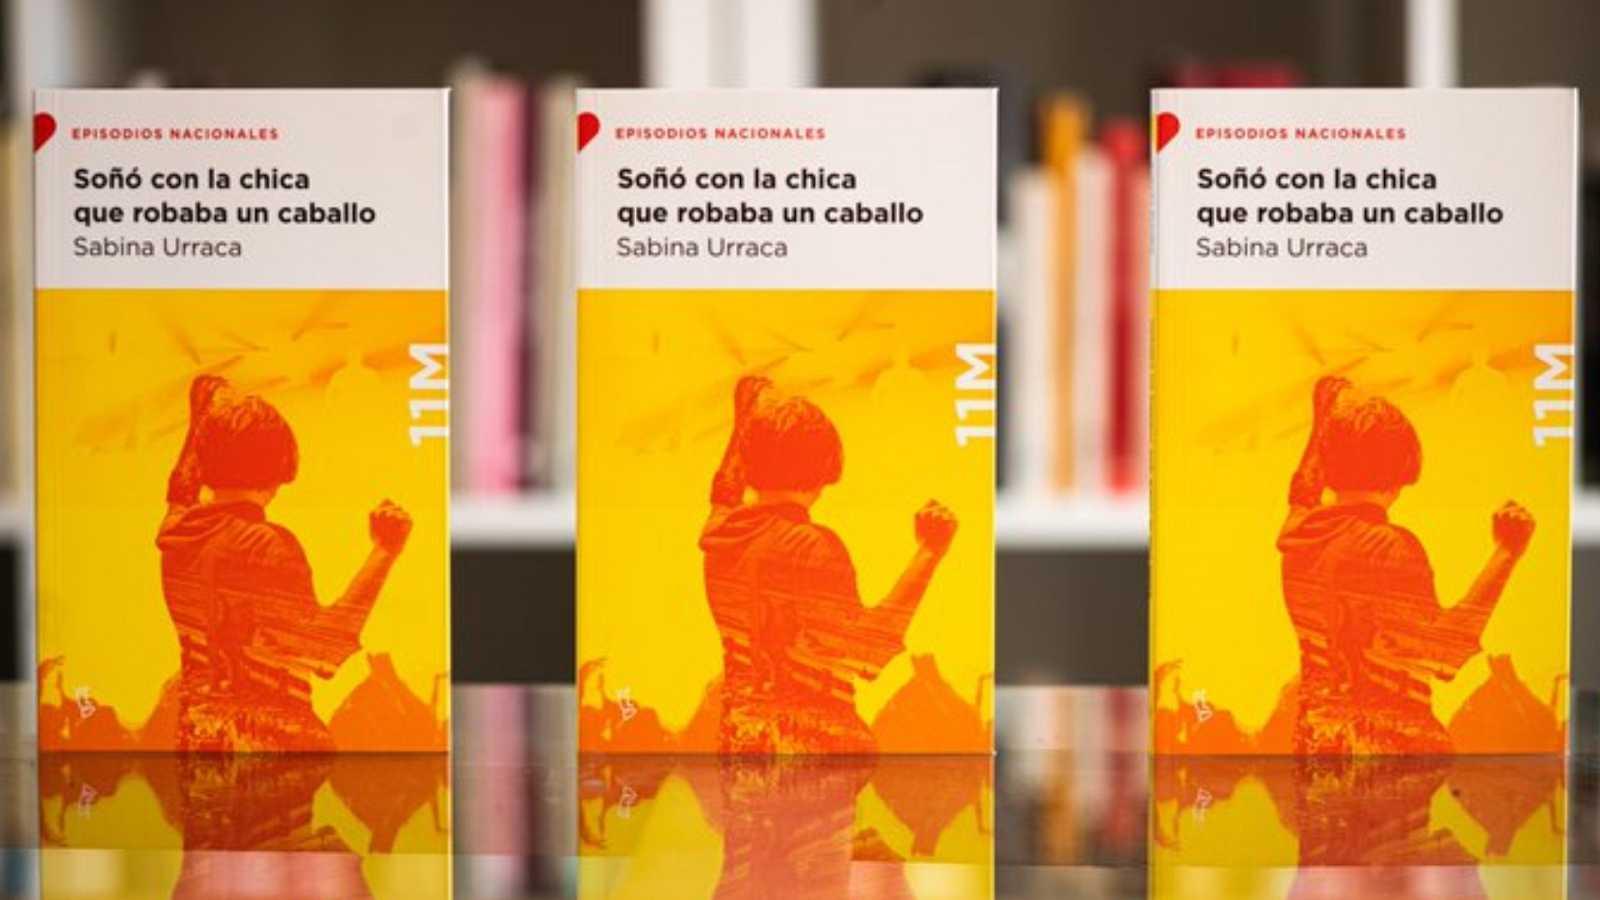 El ojo crítico - Los sueños de Sabina Urraca y bibliotecas que sanan - 21/04/21 - escuchar ahora